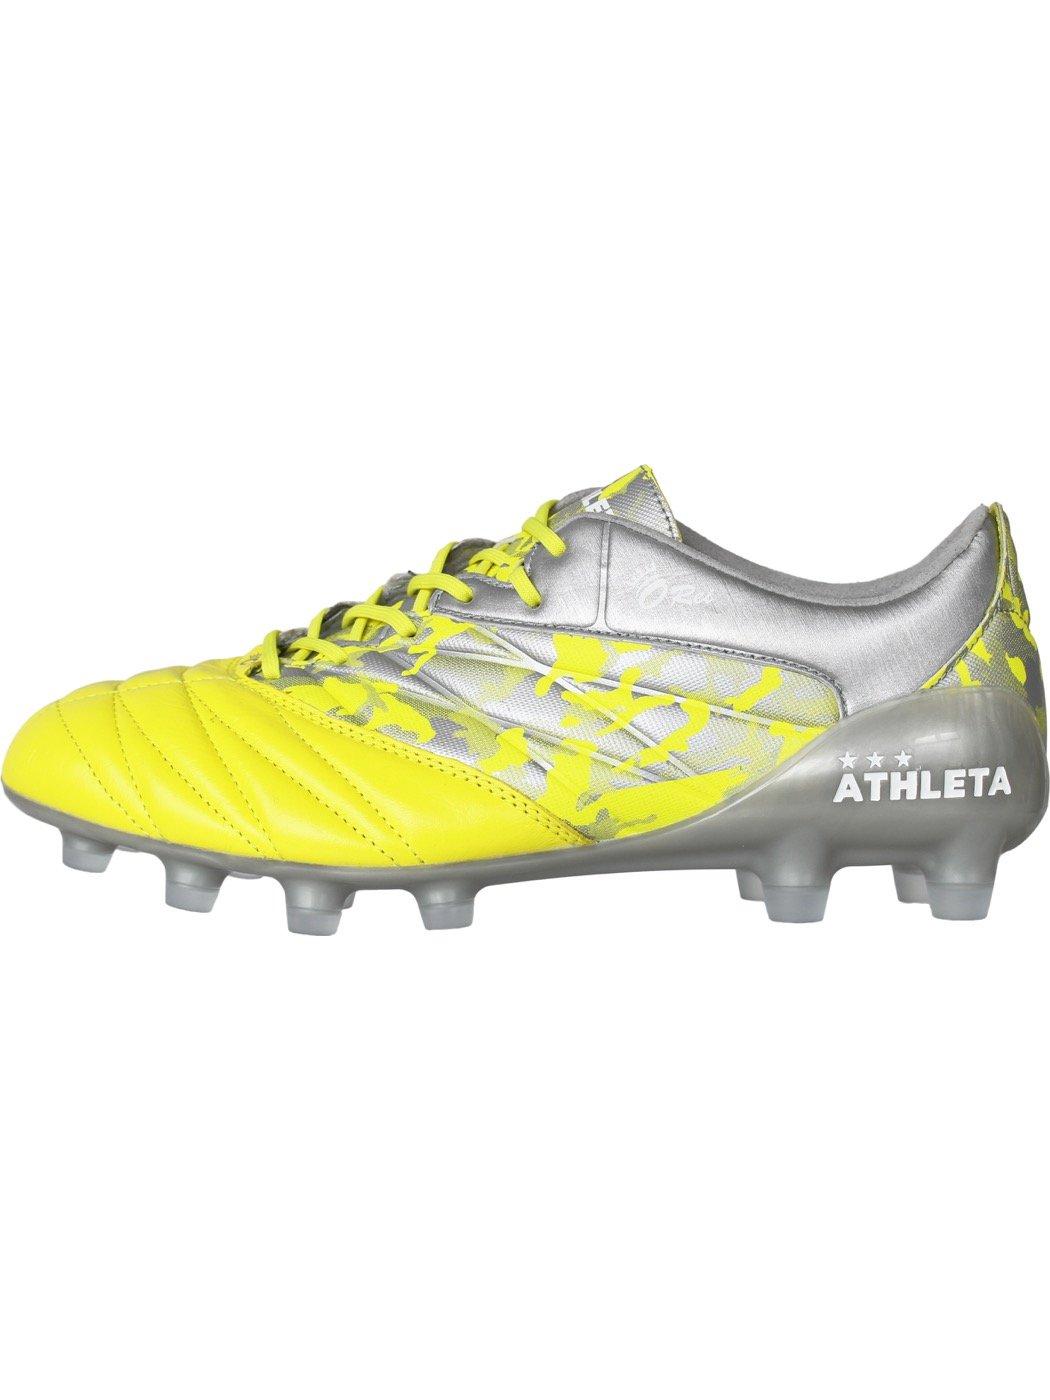 ATHLETA(アスレタ) O-Rei Futebol T002 10004-FYSI B075MBM8ZX 28.5 cm|Fイエロー/シルバー Fイエロー/シルバー 28.5 cm